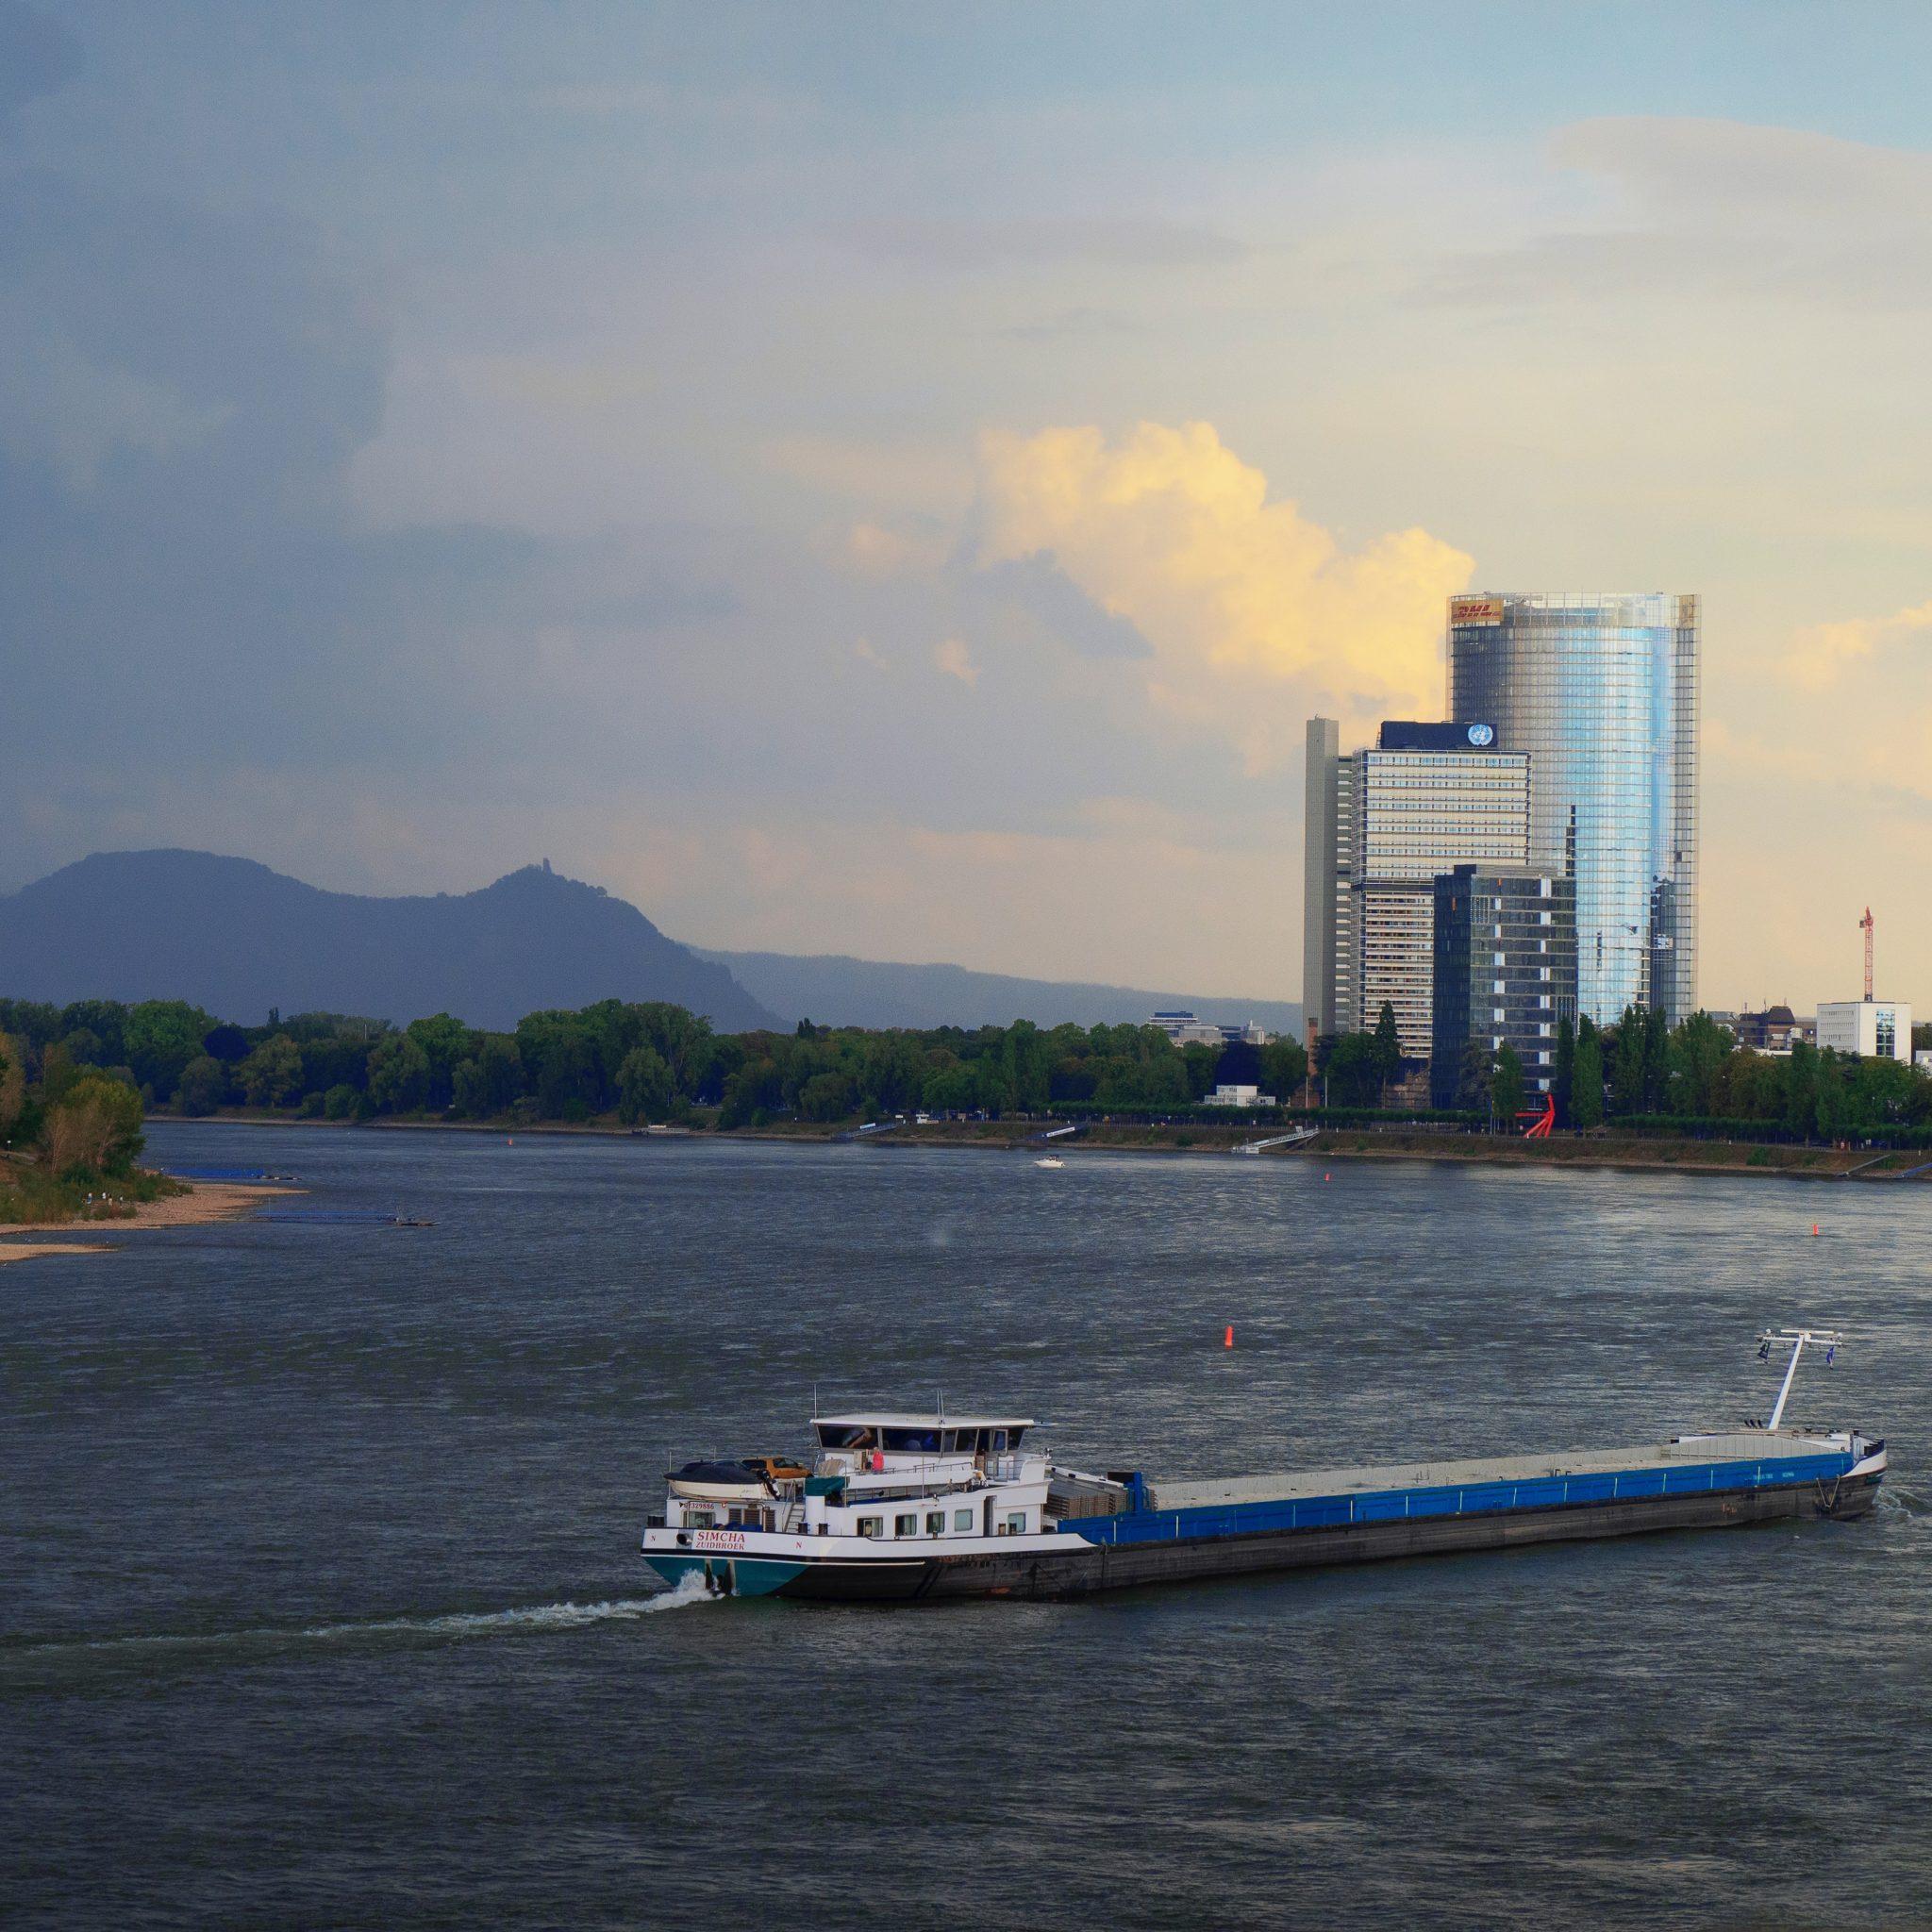 Bemanningen van Nederlandse schepen die naar steden als Bonn varen, moeten een negatieve testuitslag kunnen laten zien Negatieve test nodig als reis langer dan 72 uur gaat duren Foto Karolina Nichitin